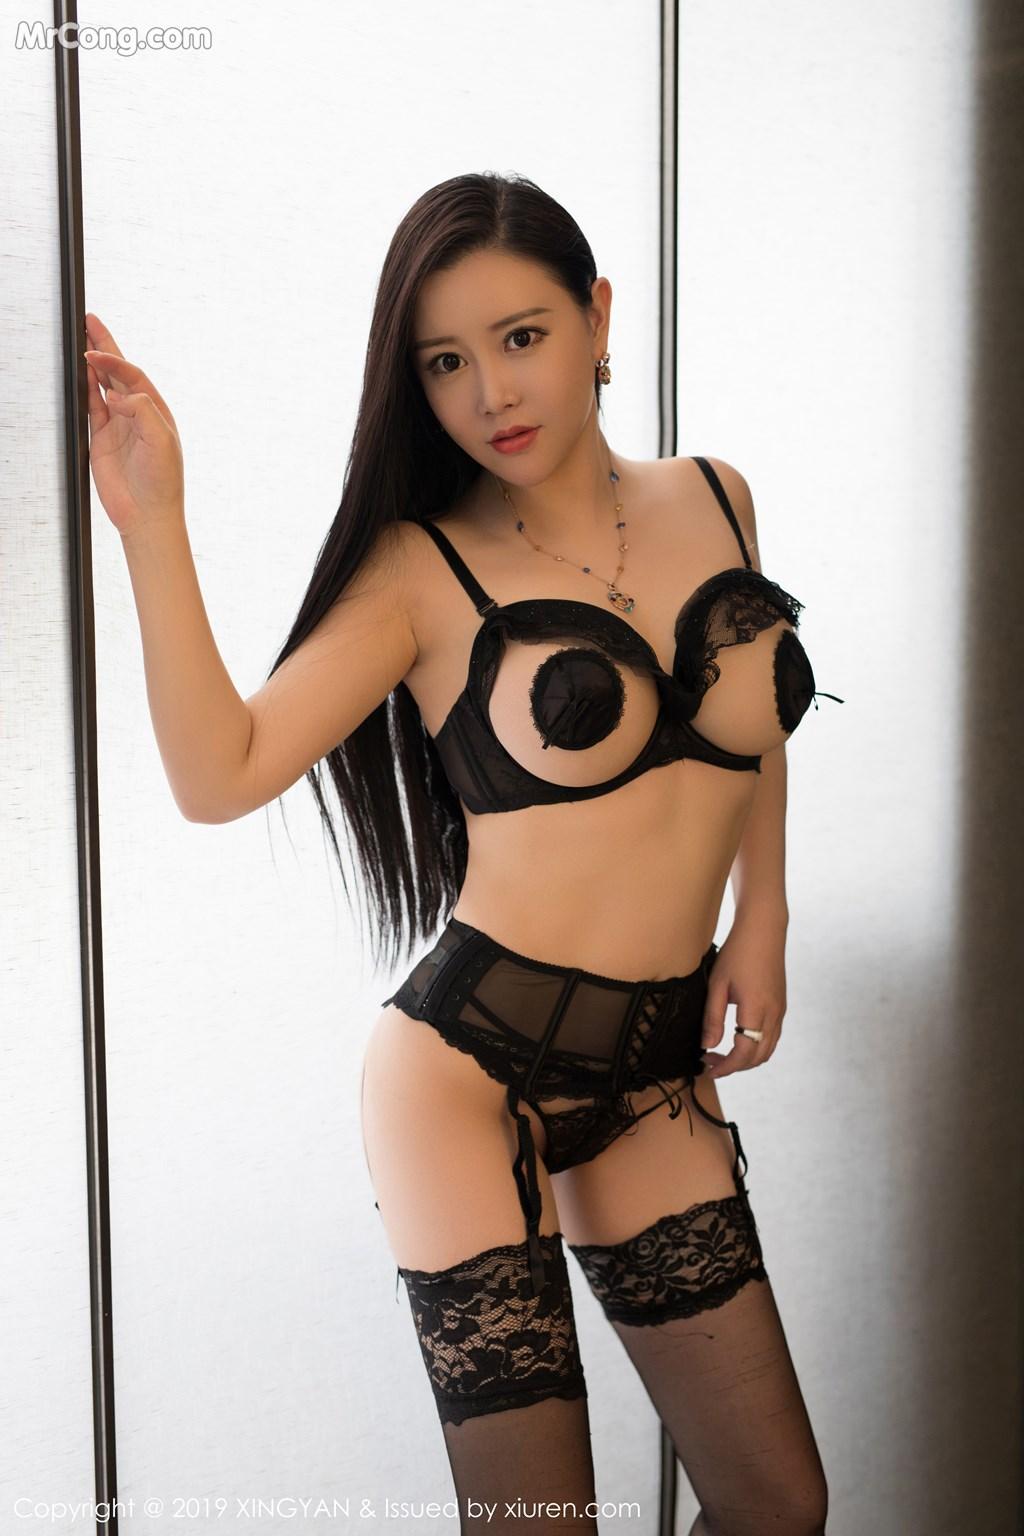 Image XingYan-Vol.115-Wang-Wan-You-Queen-MrCong.com-009 in post XingYan Vol.115: Wang Wan You (王婉悠Queen) (42 ảnh)